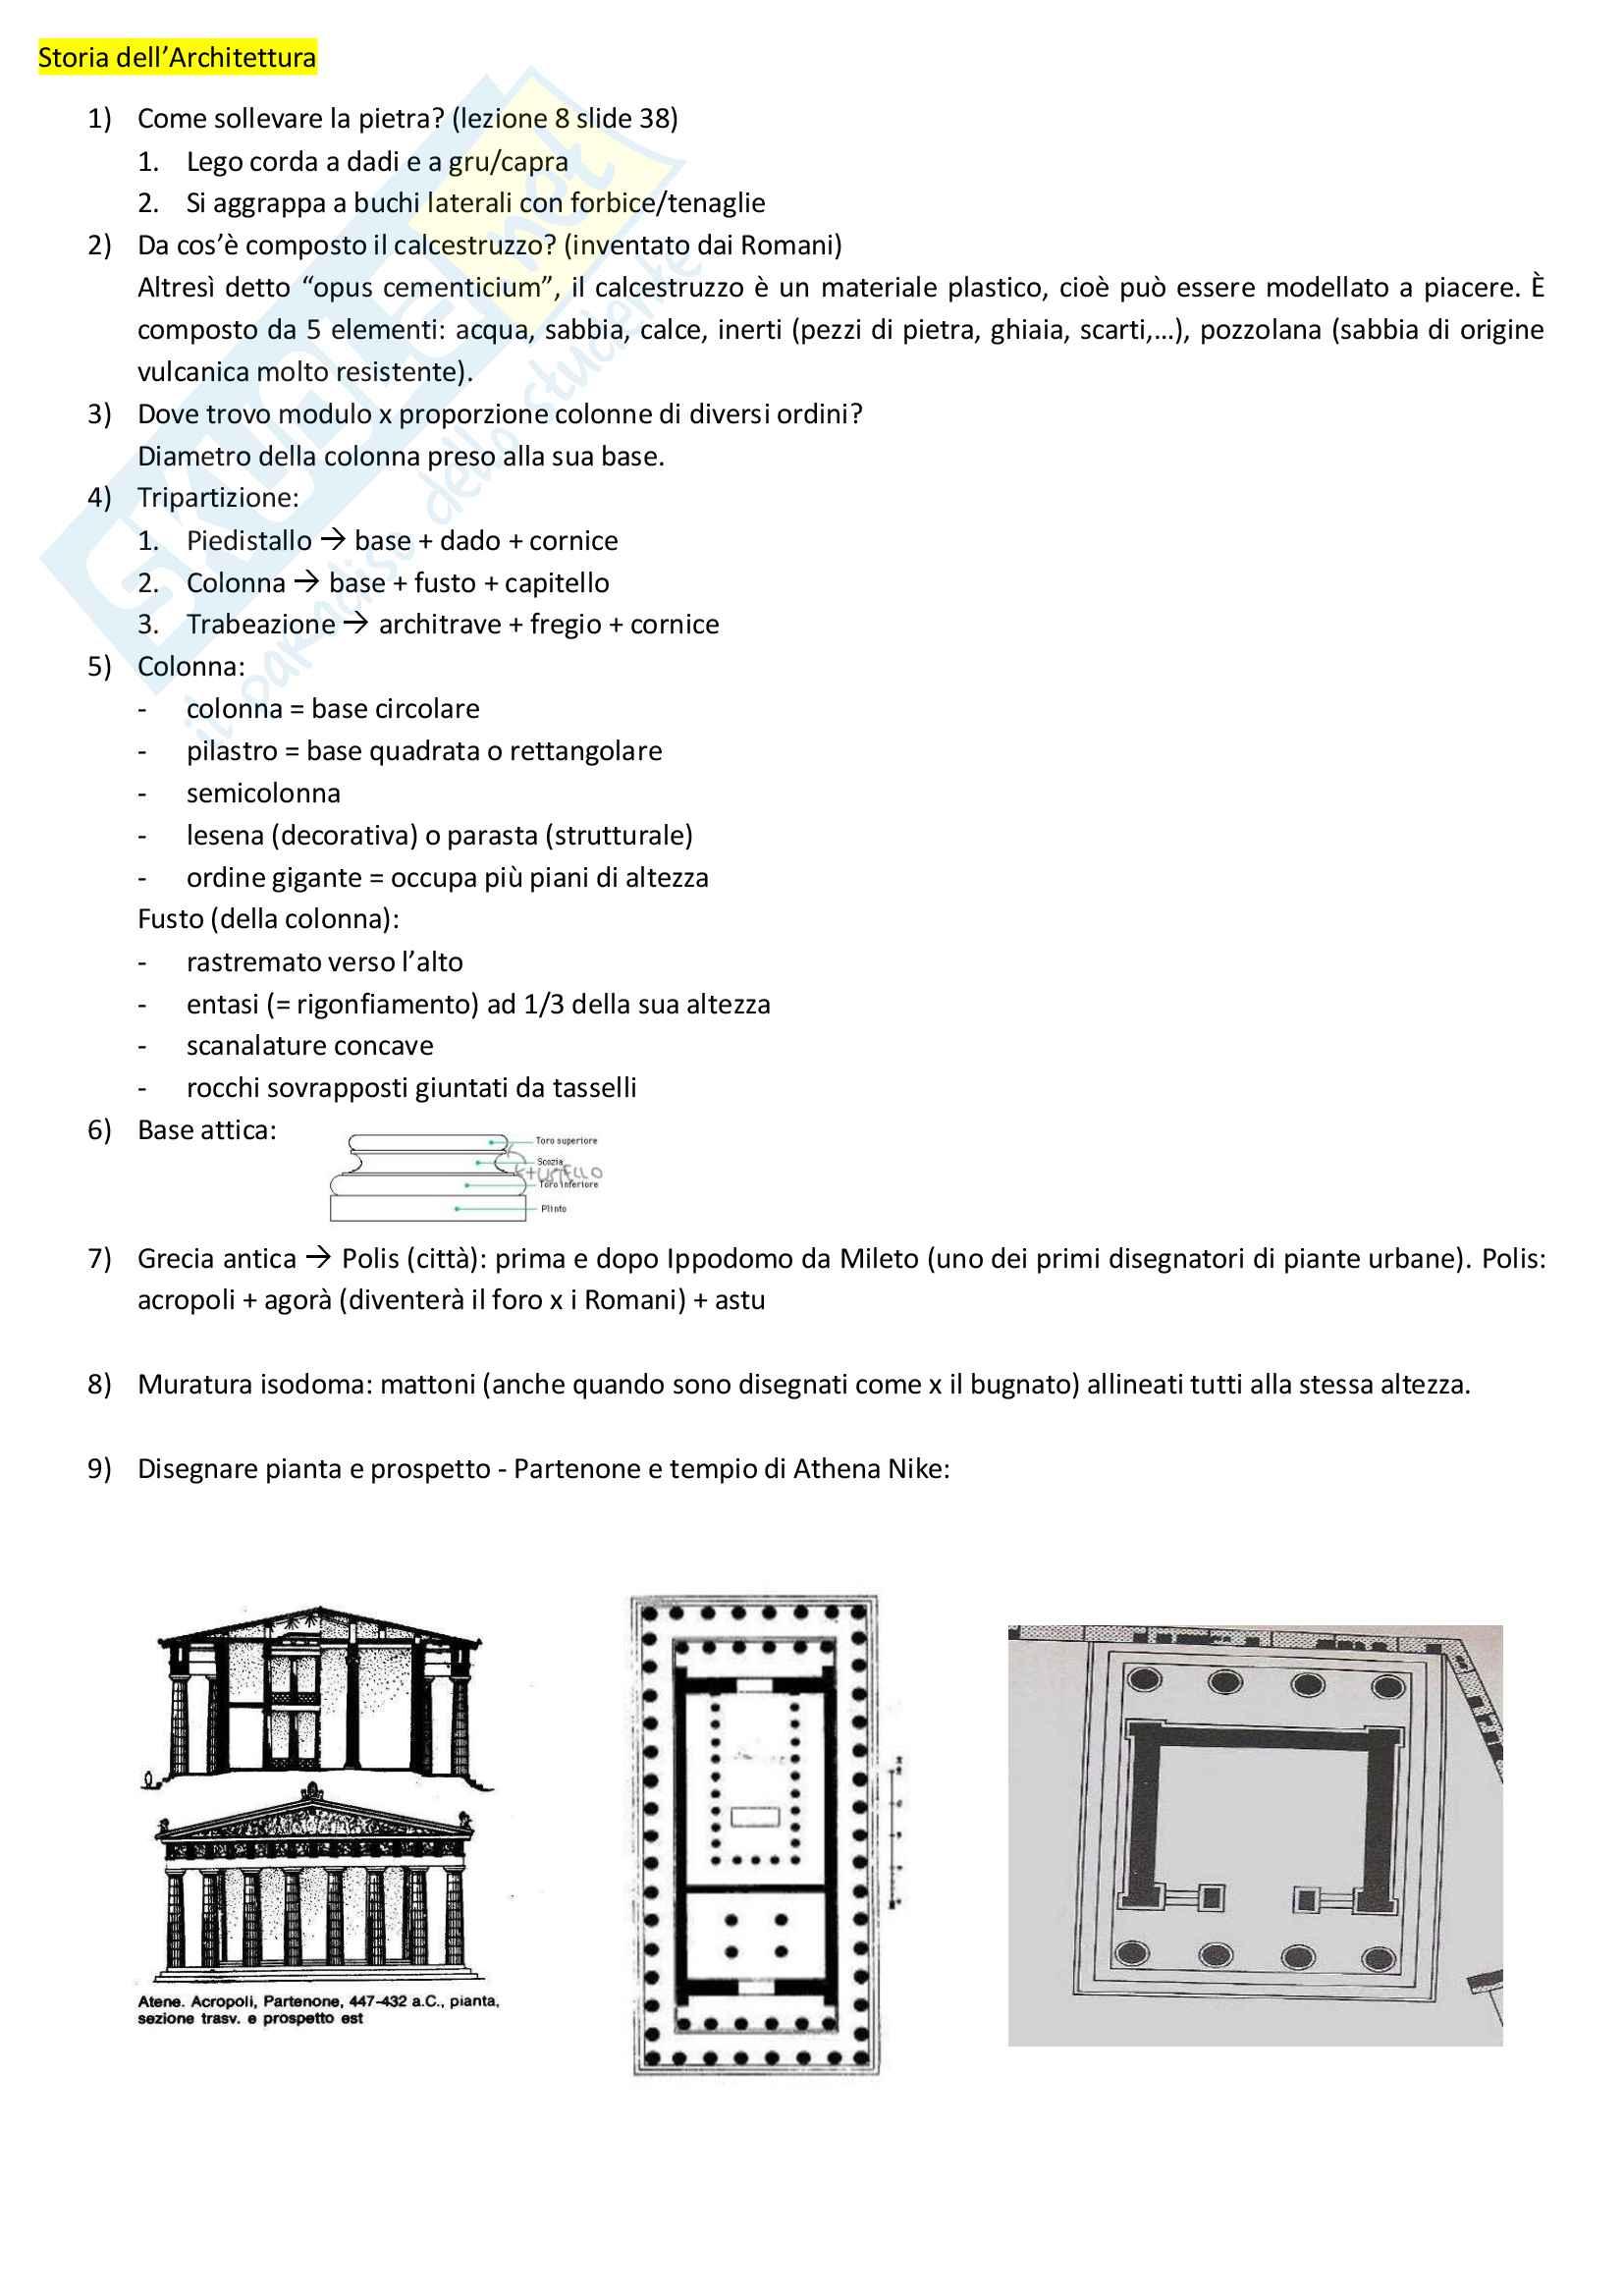 Esempi domande esame scritto Storia dell'Architettura